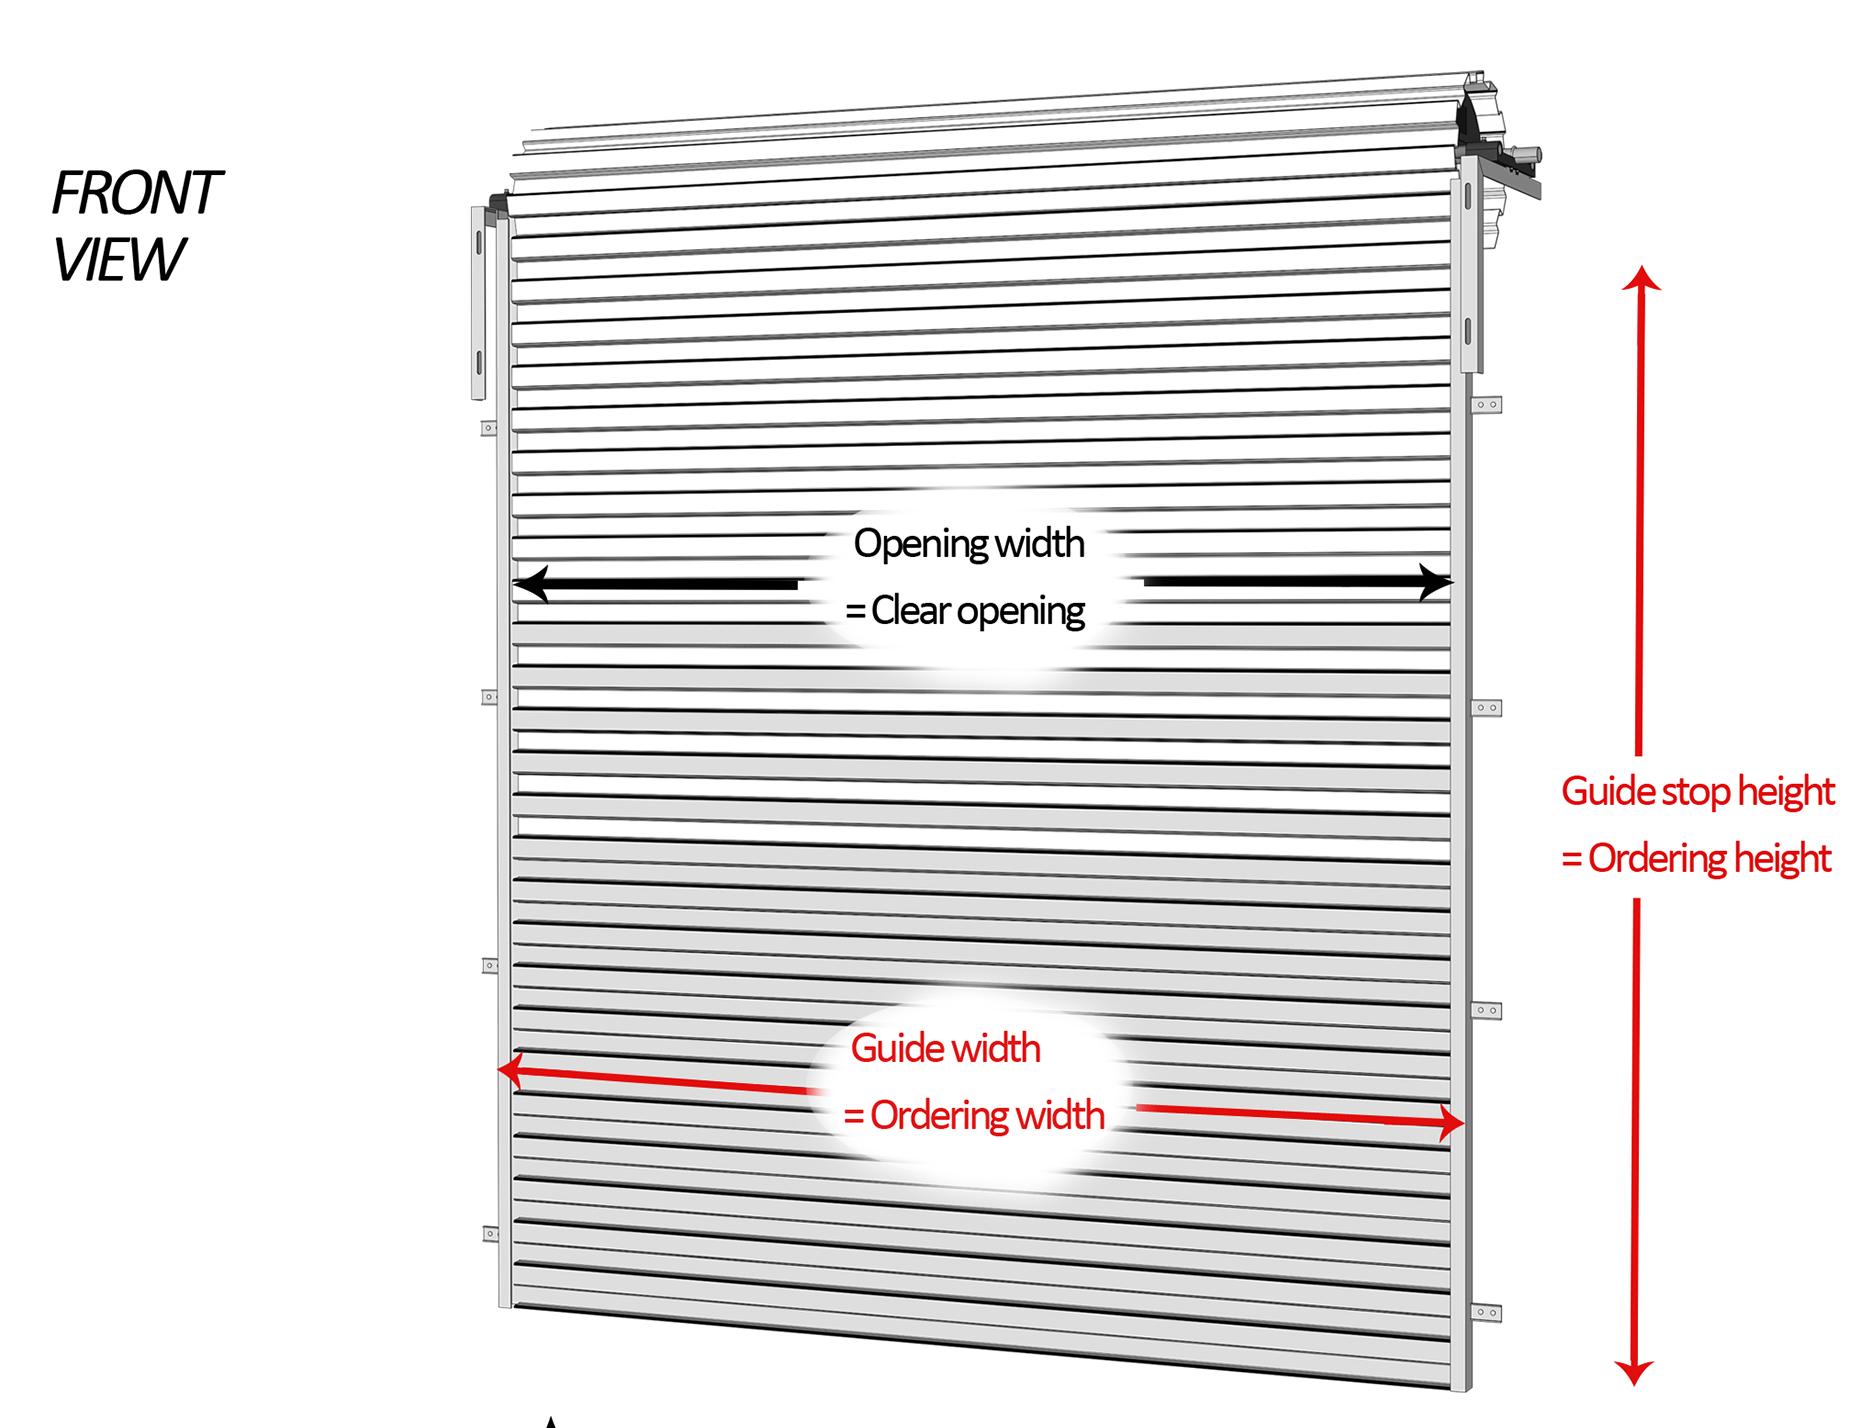 Measuring For Roller Doors Buy Online Garage Roller Doors In The Uk